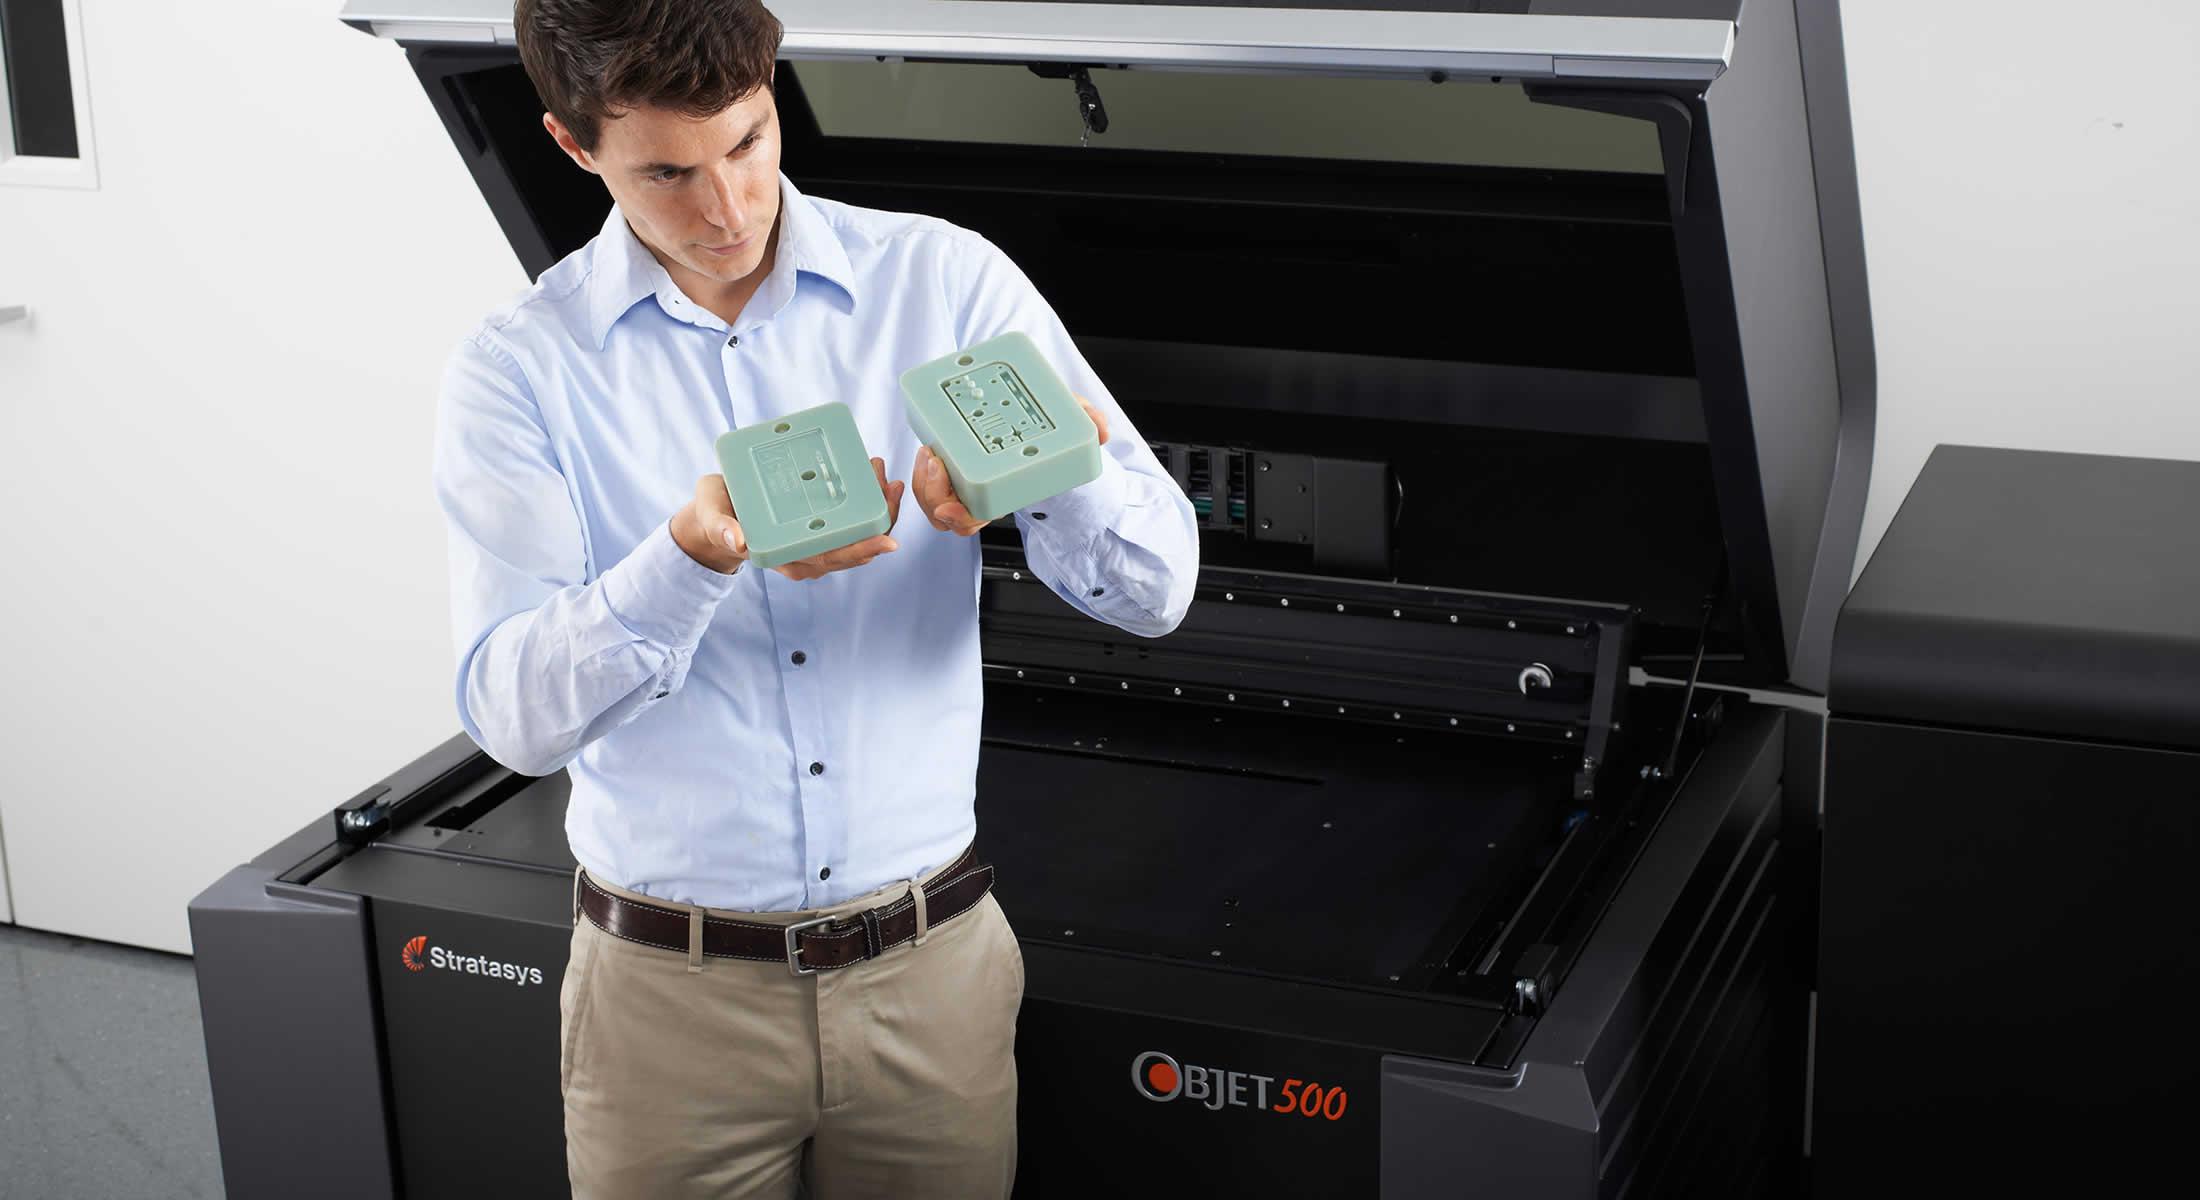 Using 3D Printer